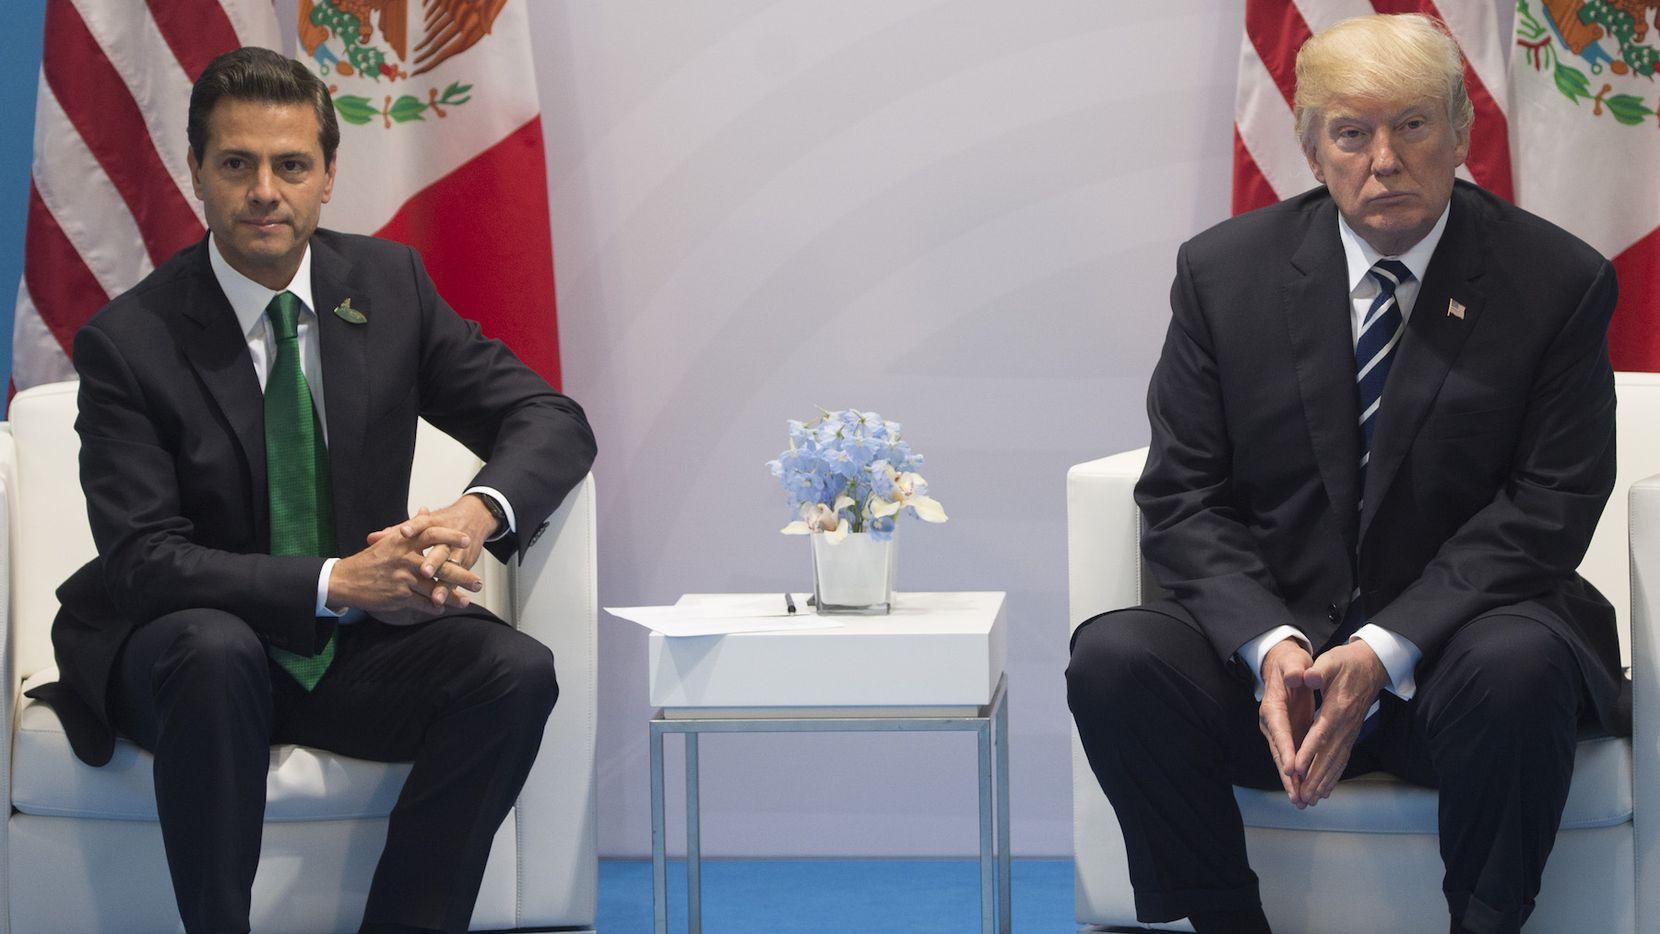 Enrique Peña Nieto y Donald Trump, en una reunión de presidentes en  Alemania, en julio. GETTY IMAGES.